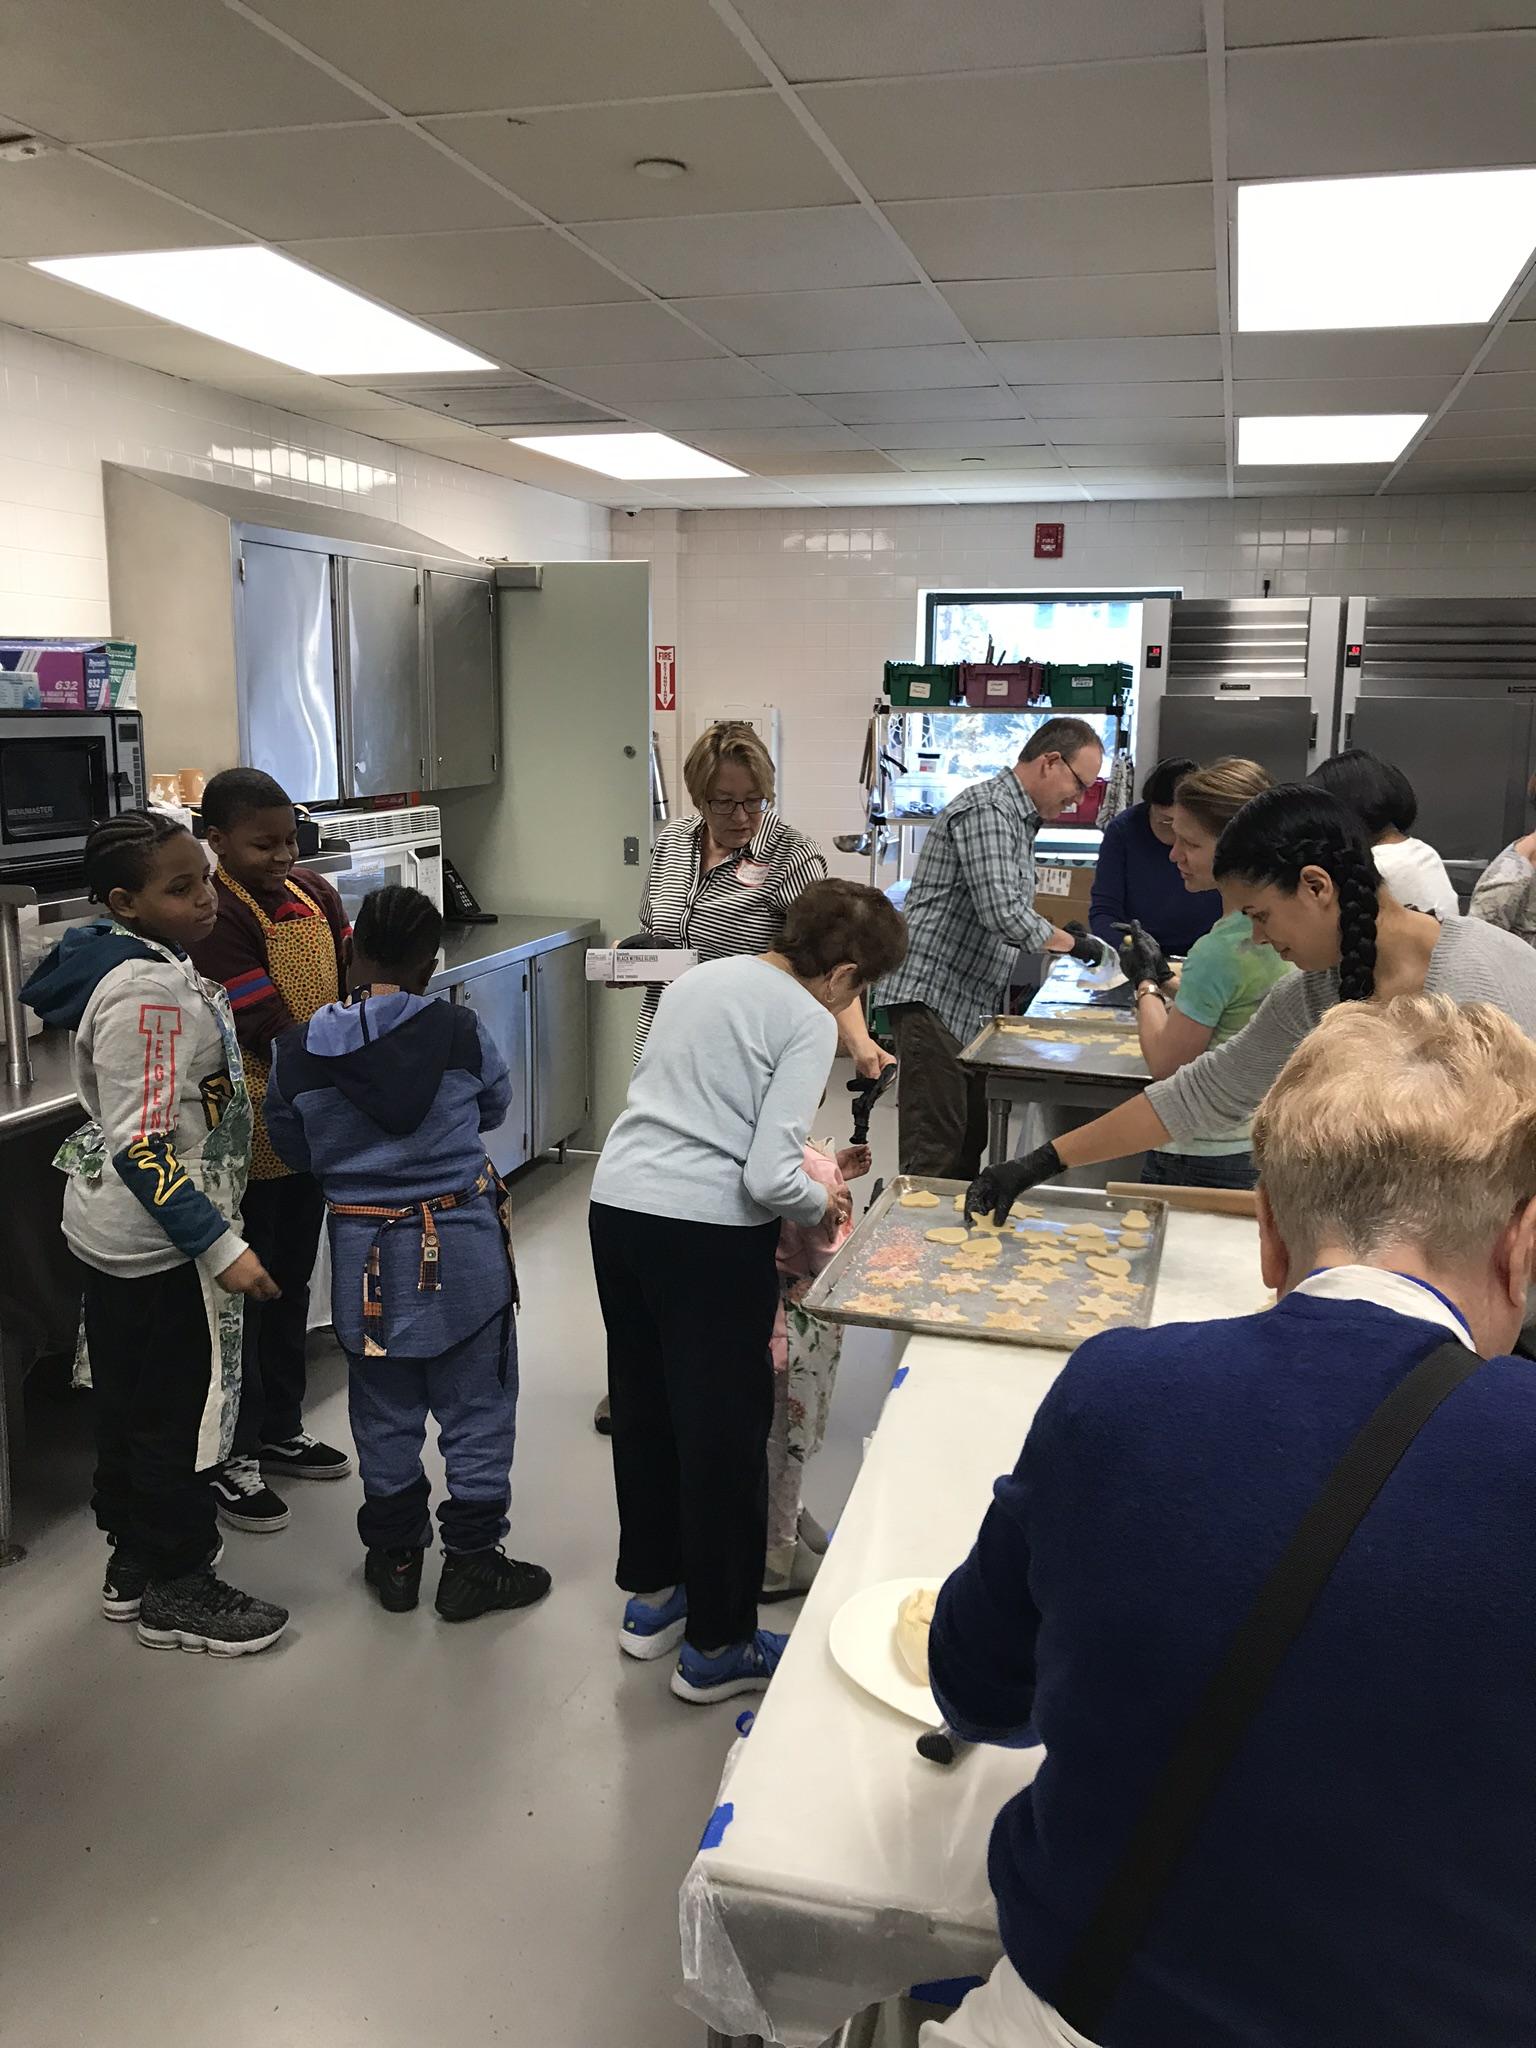 Baking 3 12-27-18